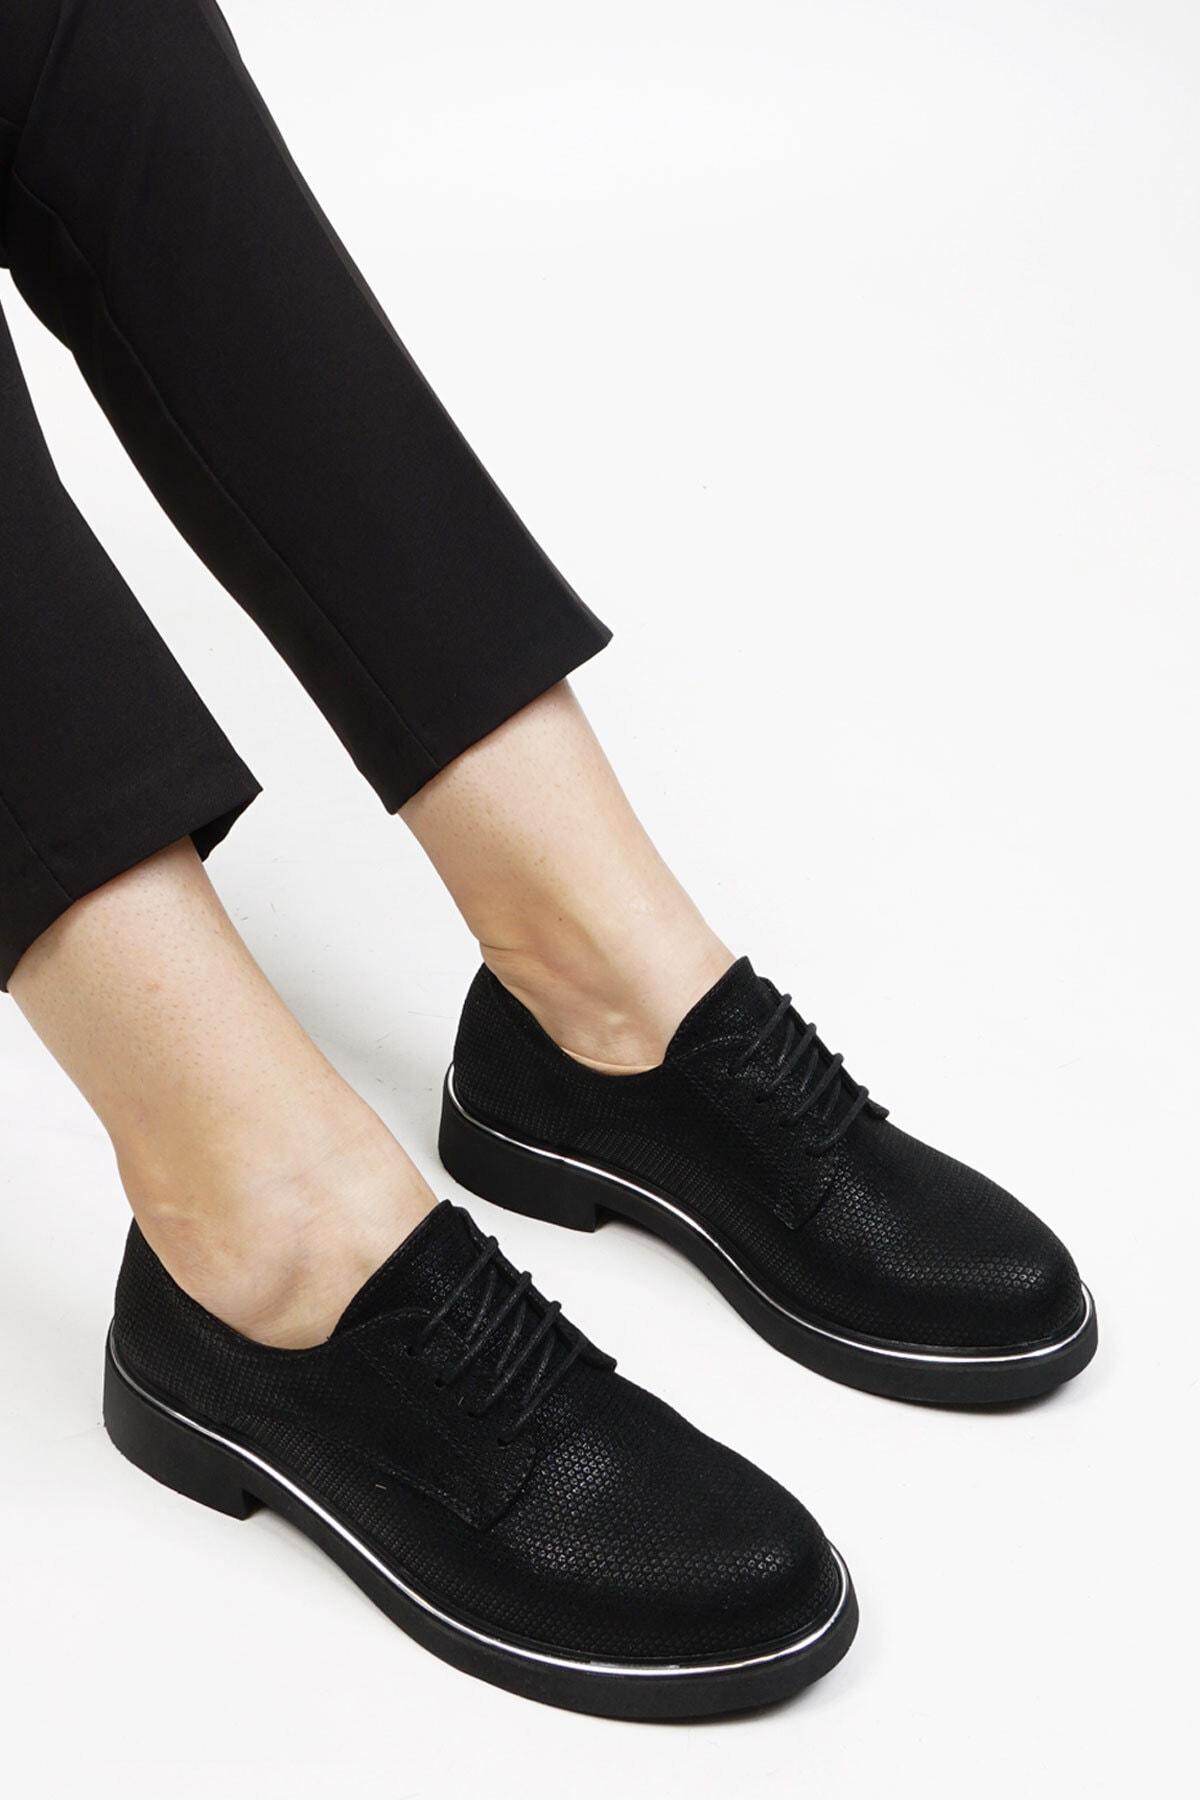 Marjin Terva Kadın Oxford Ayakkabısiyah Petek 0